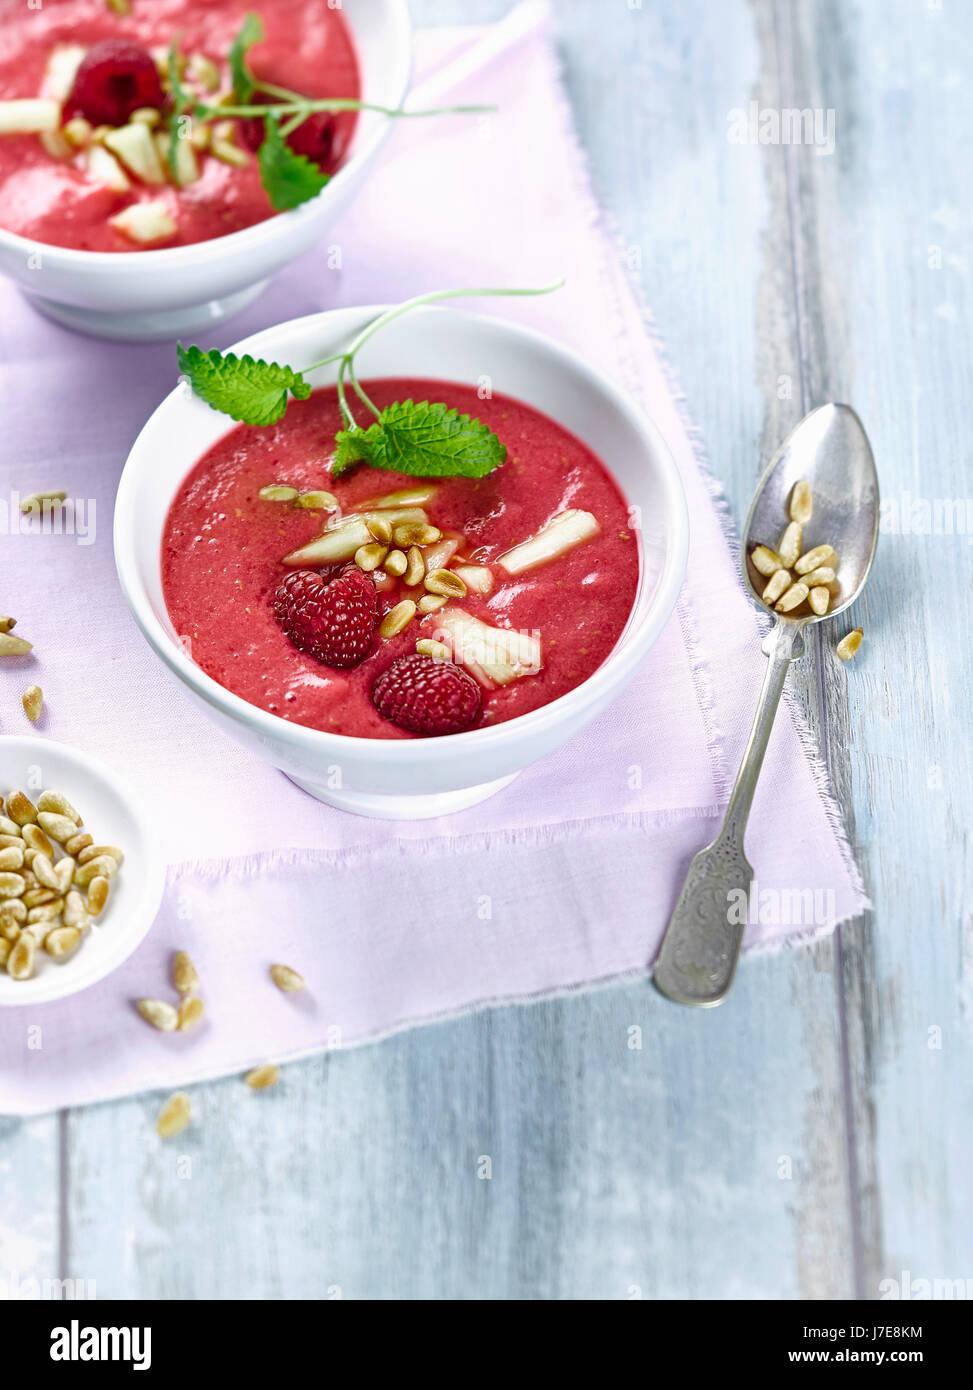 Tomato raspberry smoothie bowl - Stock Image